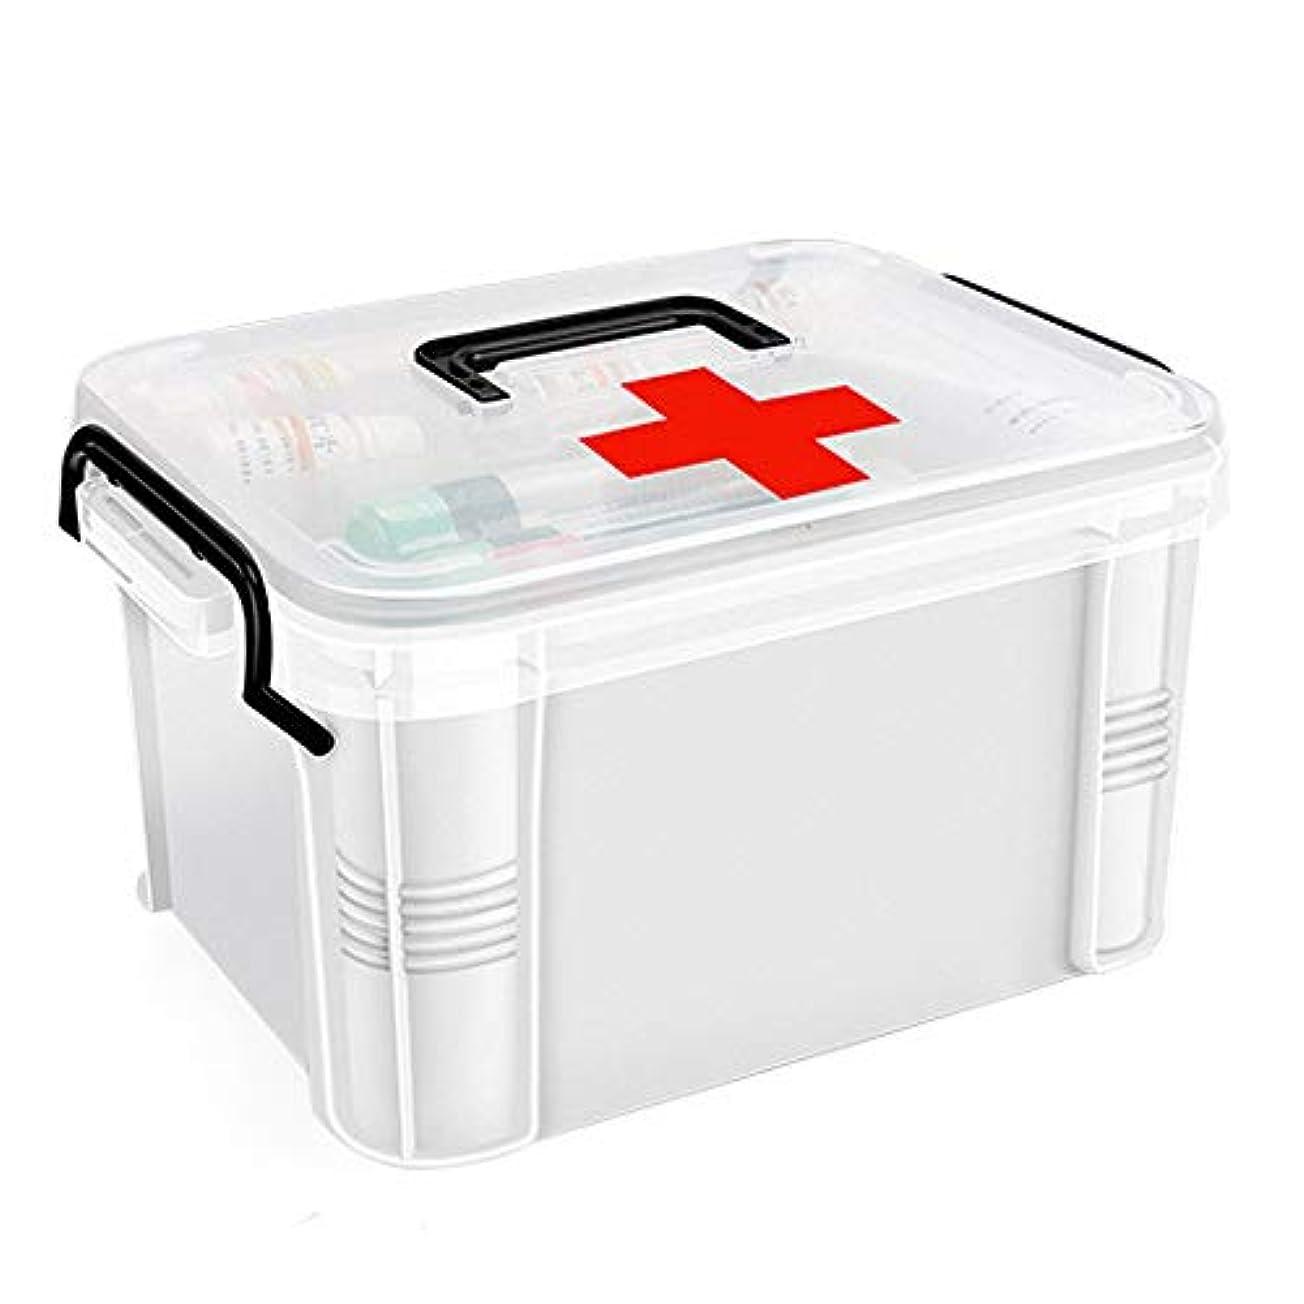 肩をすくめる実験コンテンツYD 救急箱 医療用ボックス - ポリエチレン素材、軽くて湿気が少なく、防塵性があり、厚くて丈夫で掃除が簡単多機能二重層大容量、家庭用二重層医療用ボックス救急医療用ボックス健康ボックス子供用小型医療ボックス - 2サイズオプション /& (サイズ さいず : 20.5*16*12.5cm)